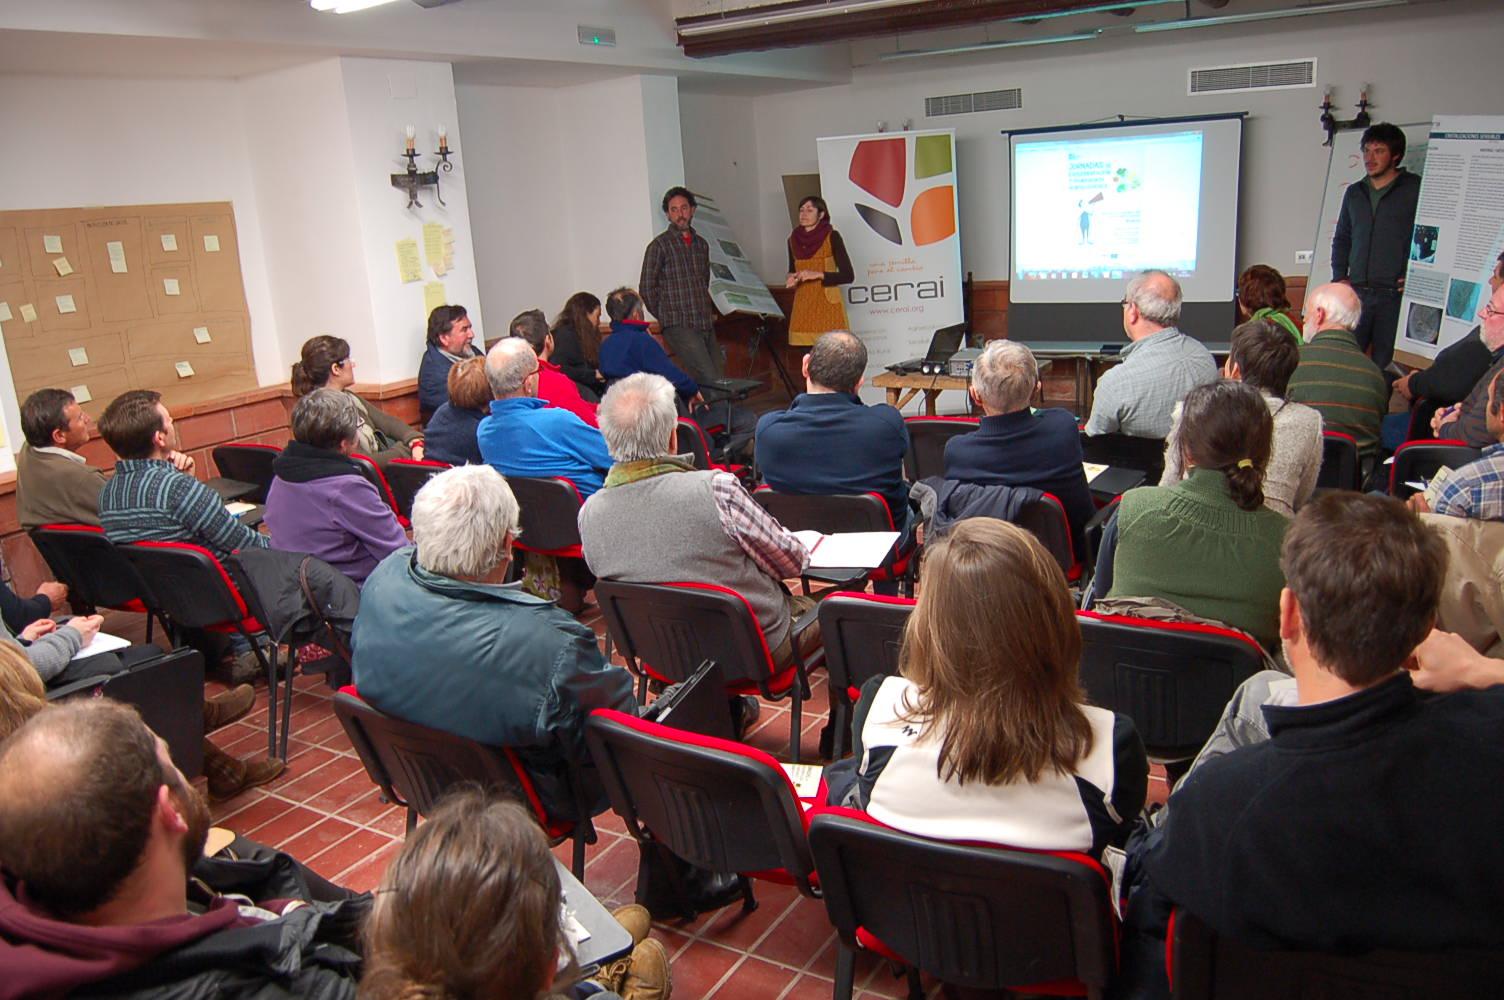 Se celebraron con éxito las Jornadas de Experimentación y Transferencia Agroecológica de CERAI Aragón